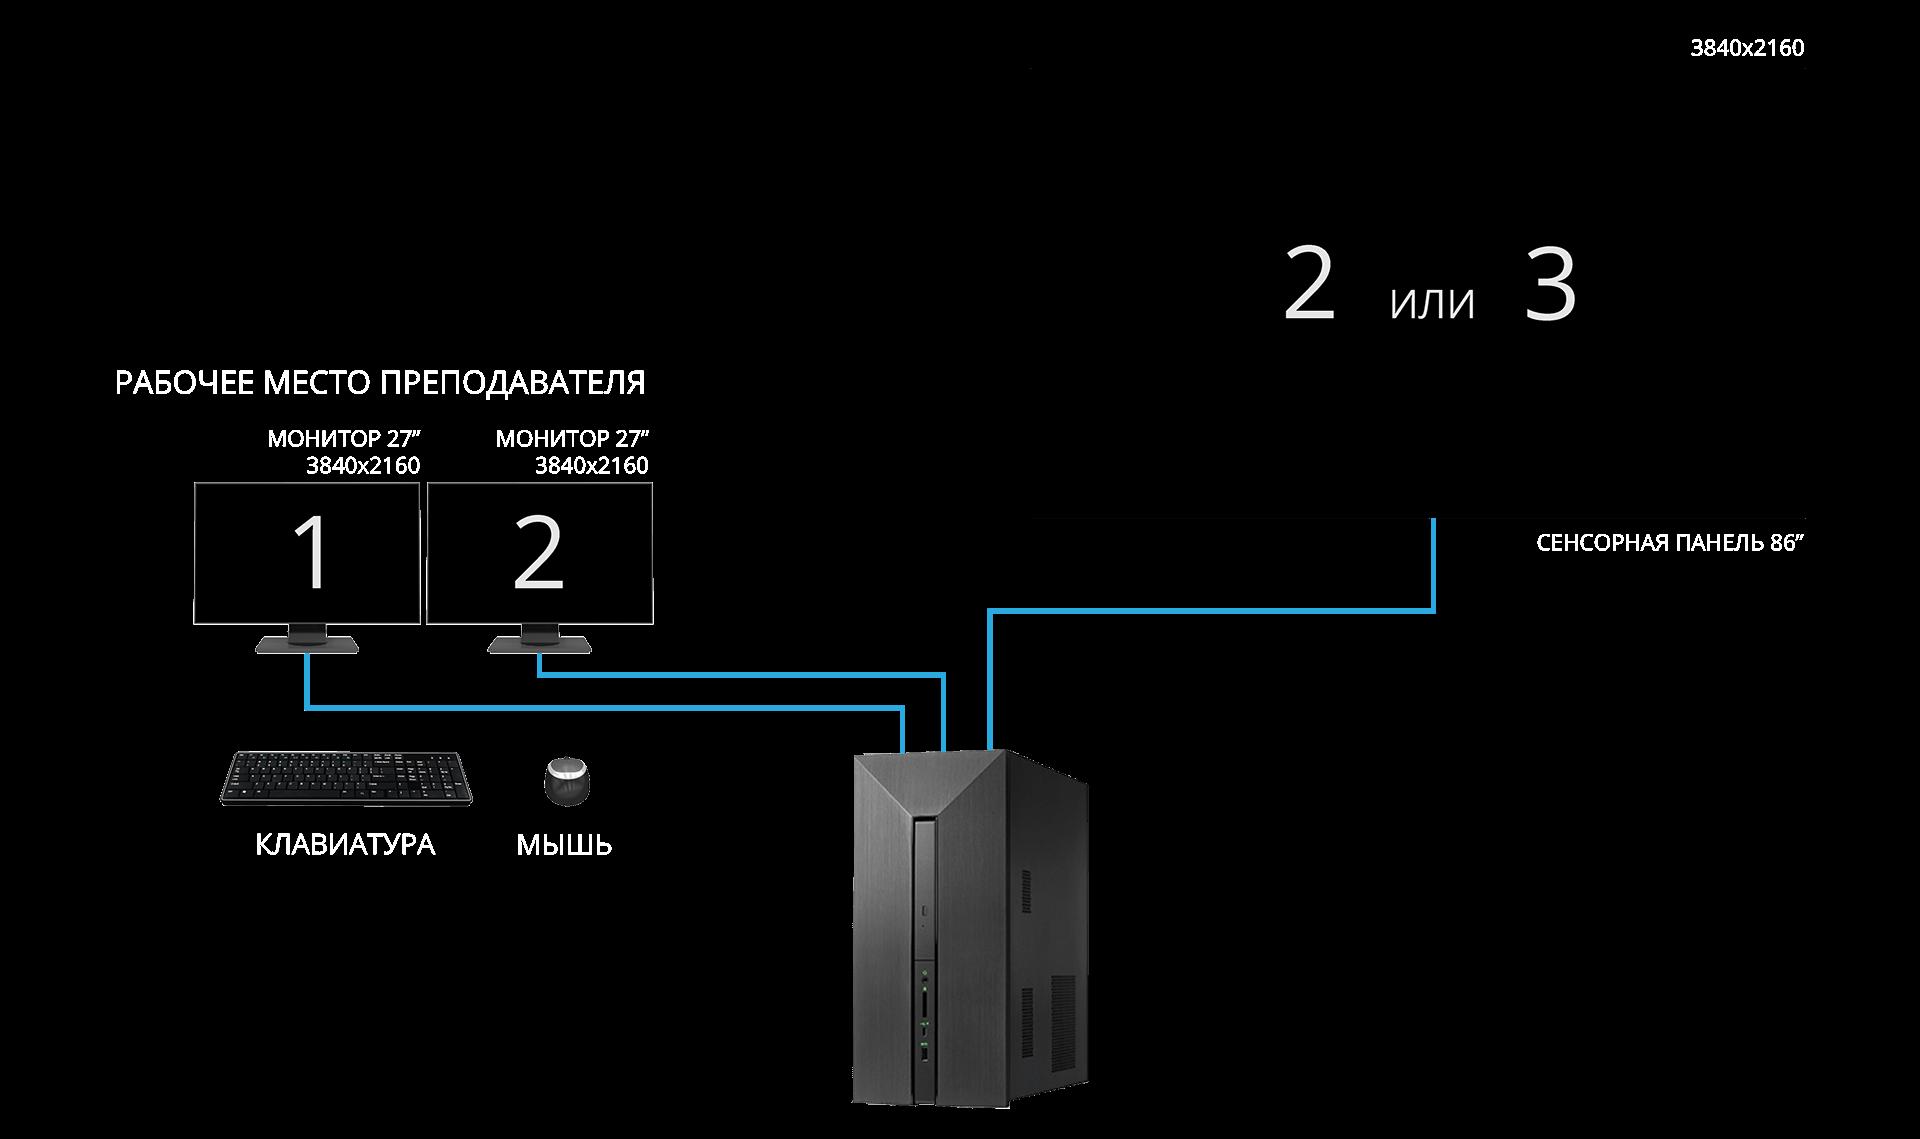 apk1 03 Аппаратно программные комплексы